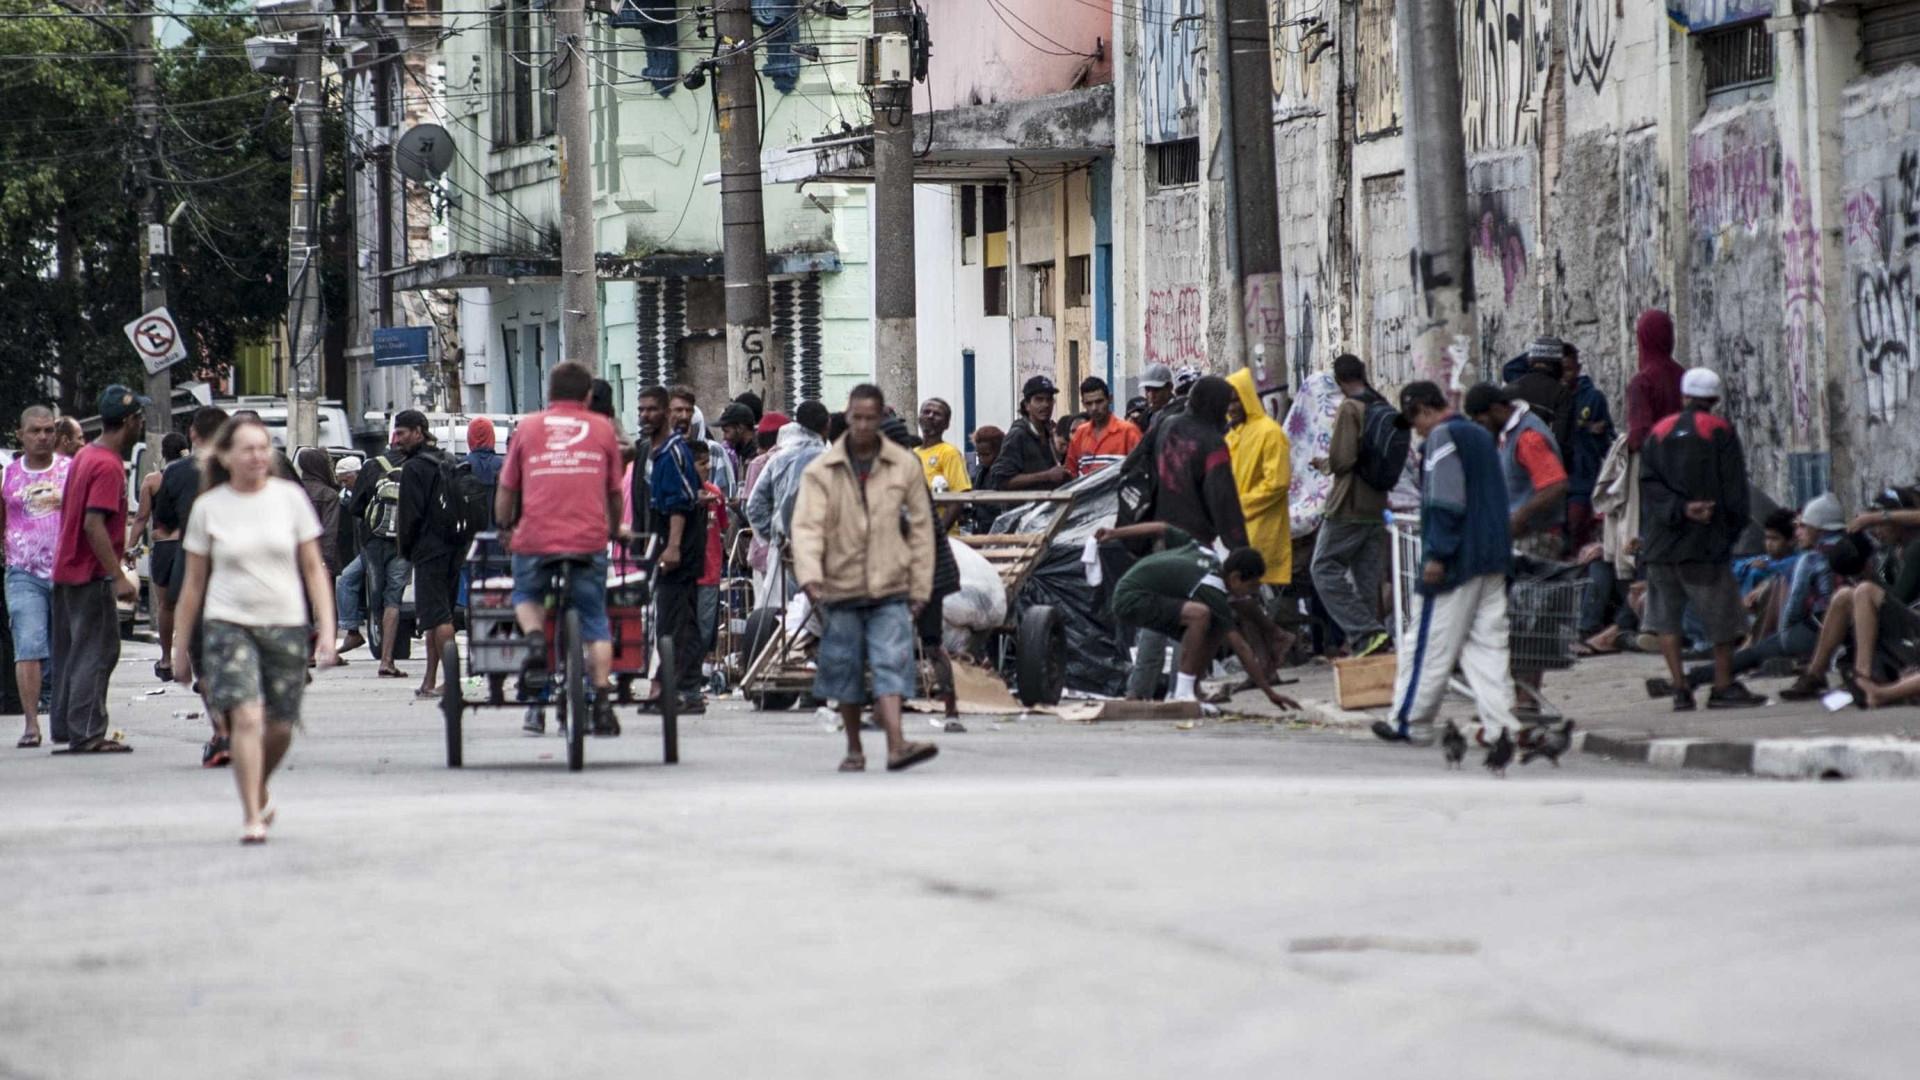 Morador de rua é alvo de jato d'água em limpeza na cracolândia, em SP